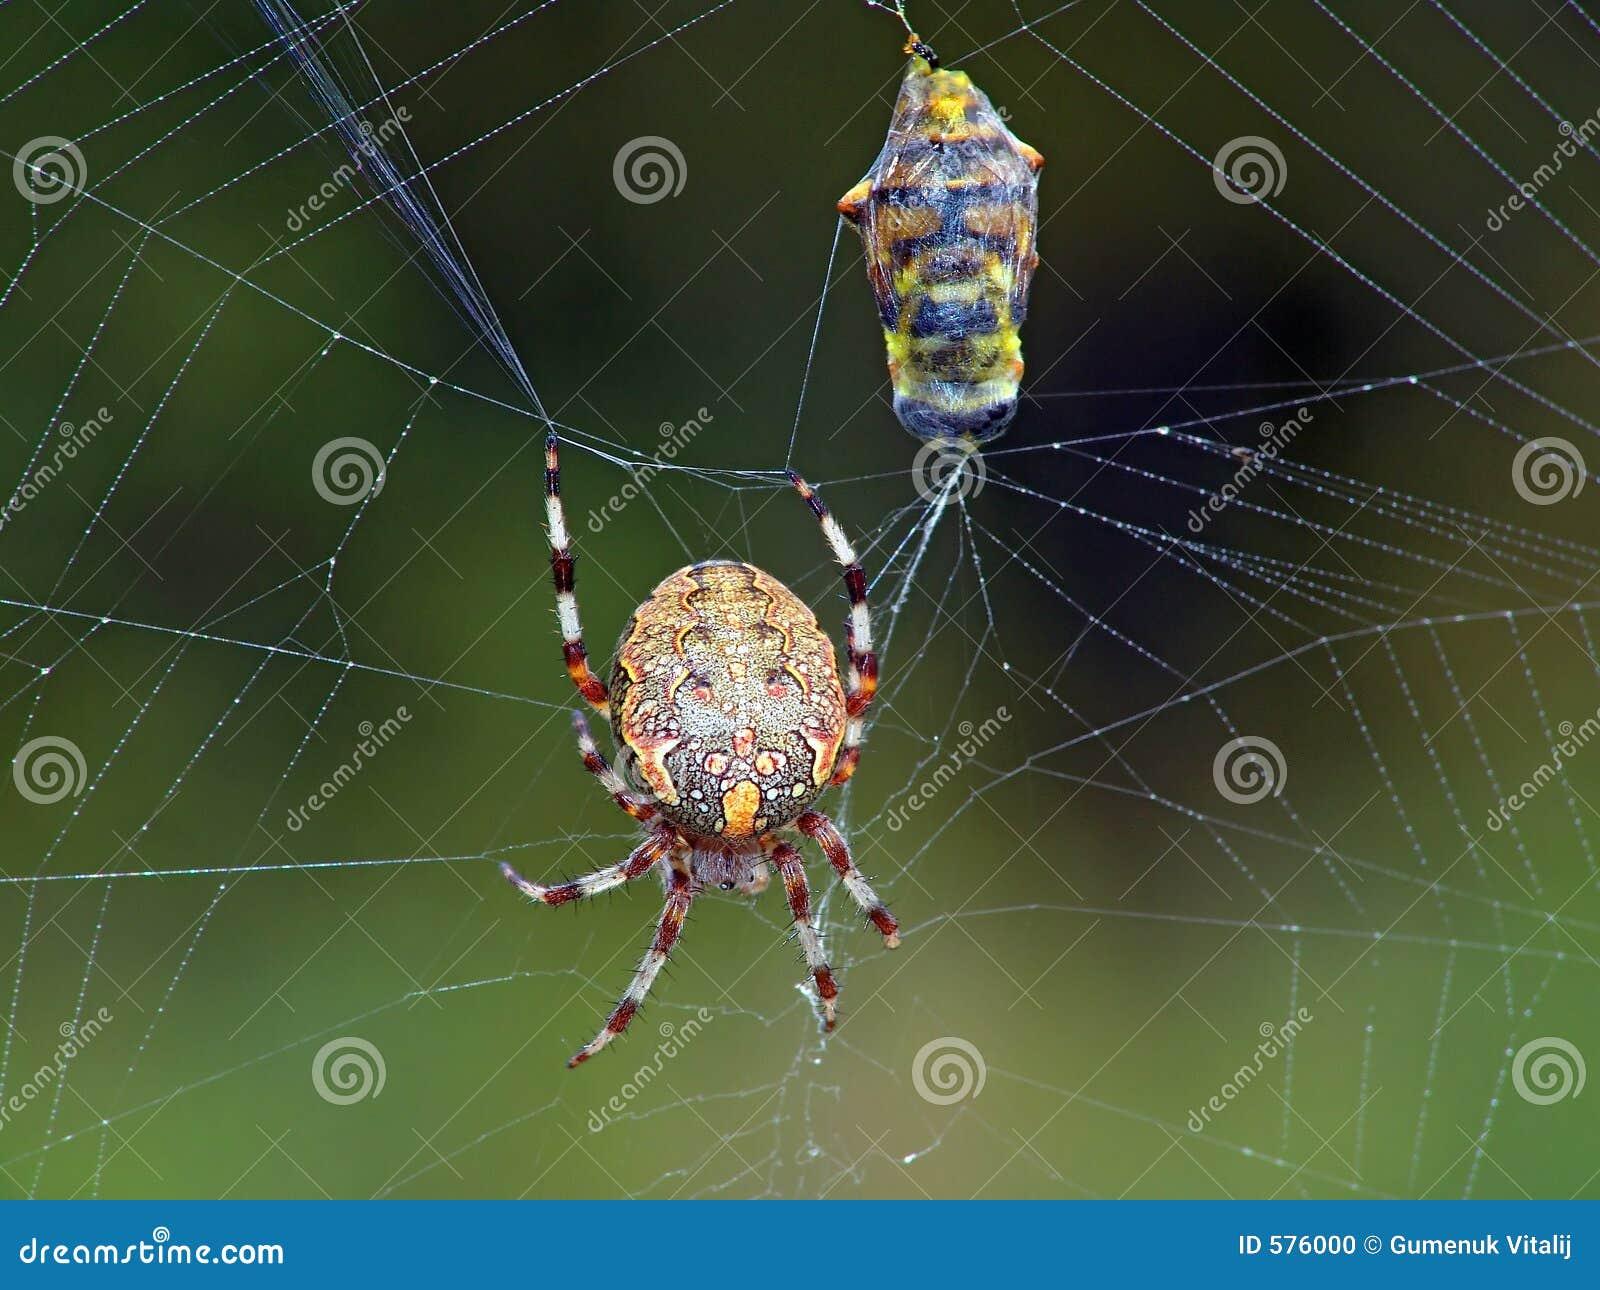 Spinne und sein Opfer.